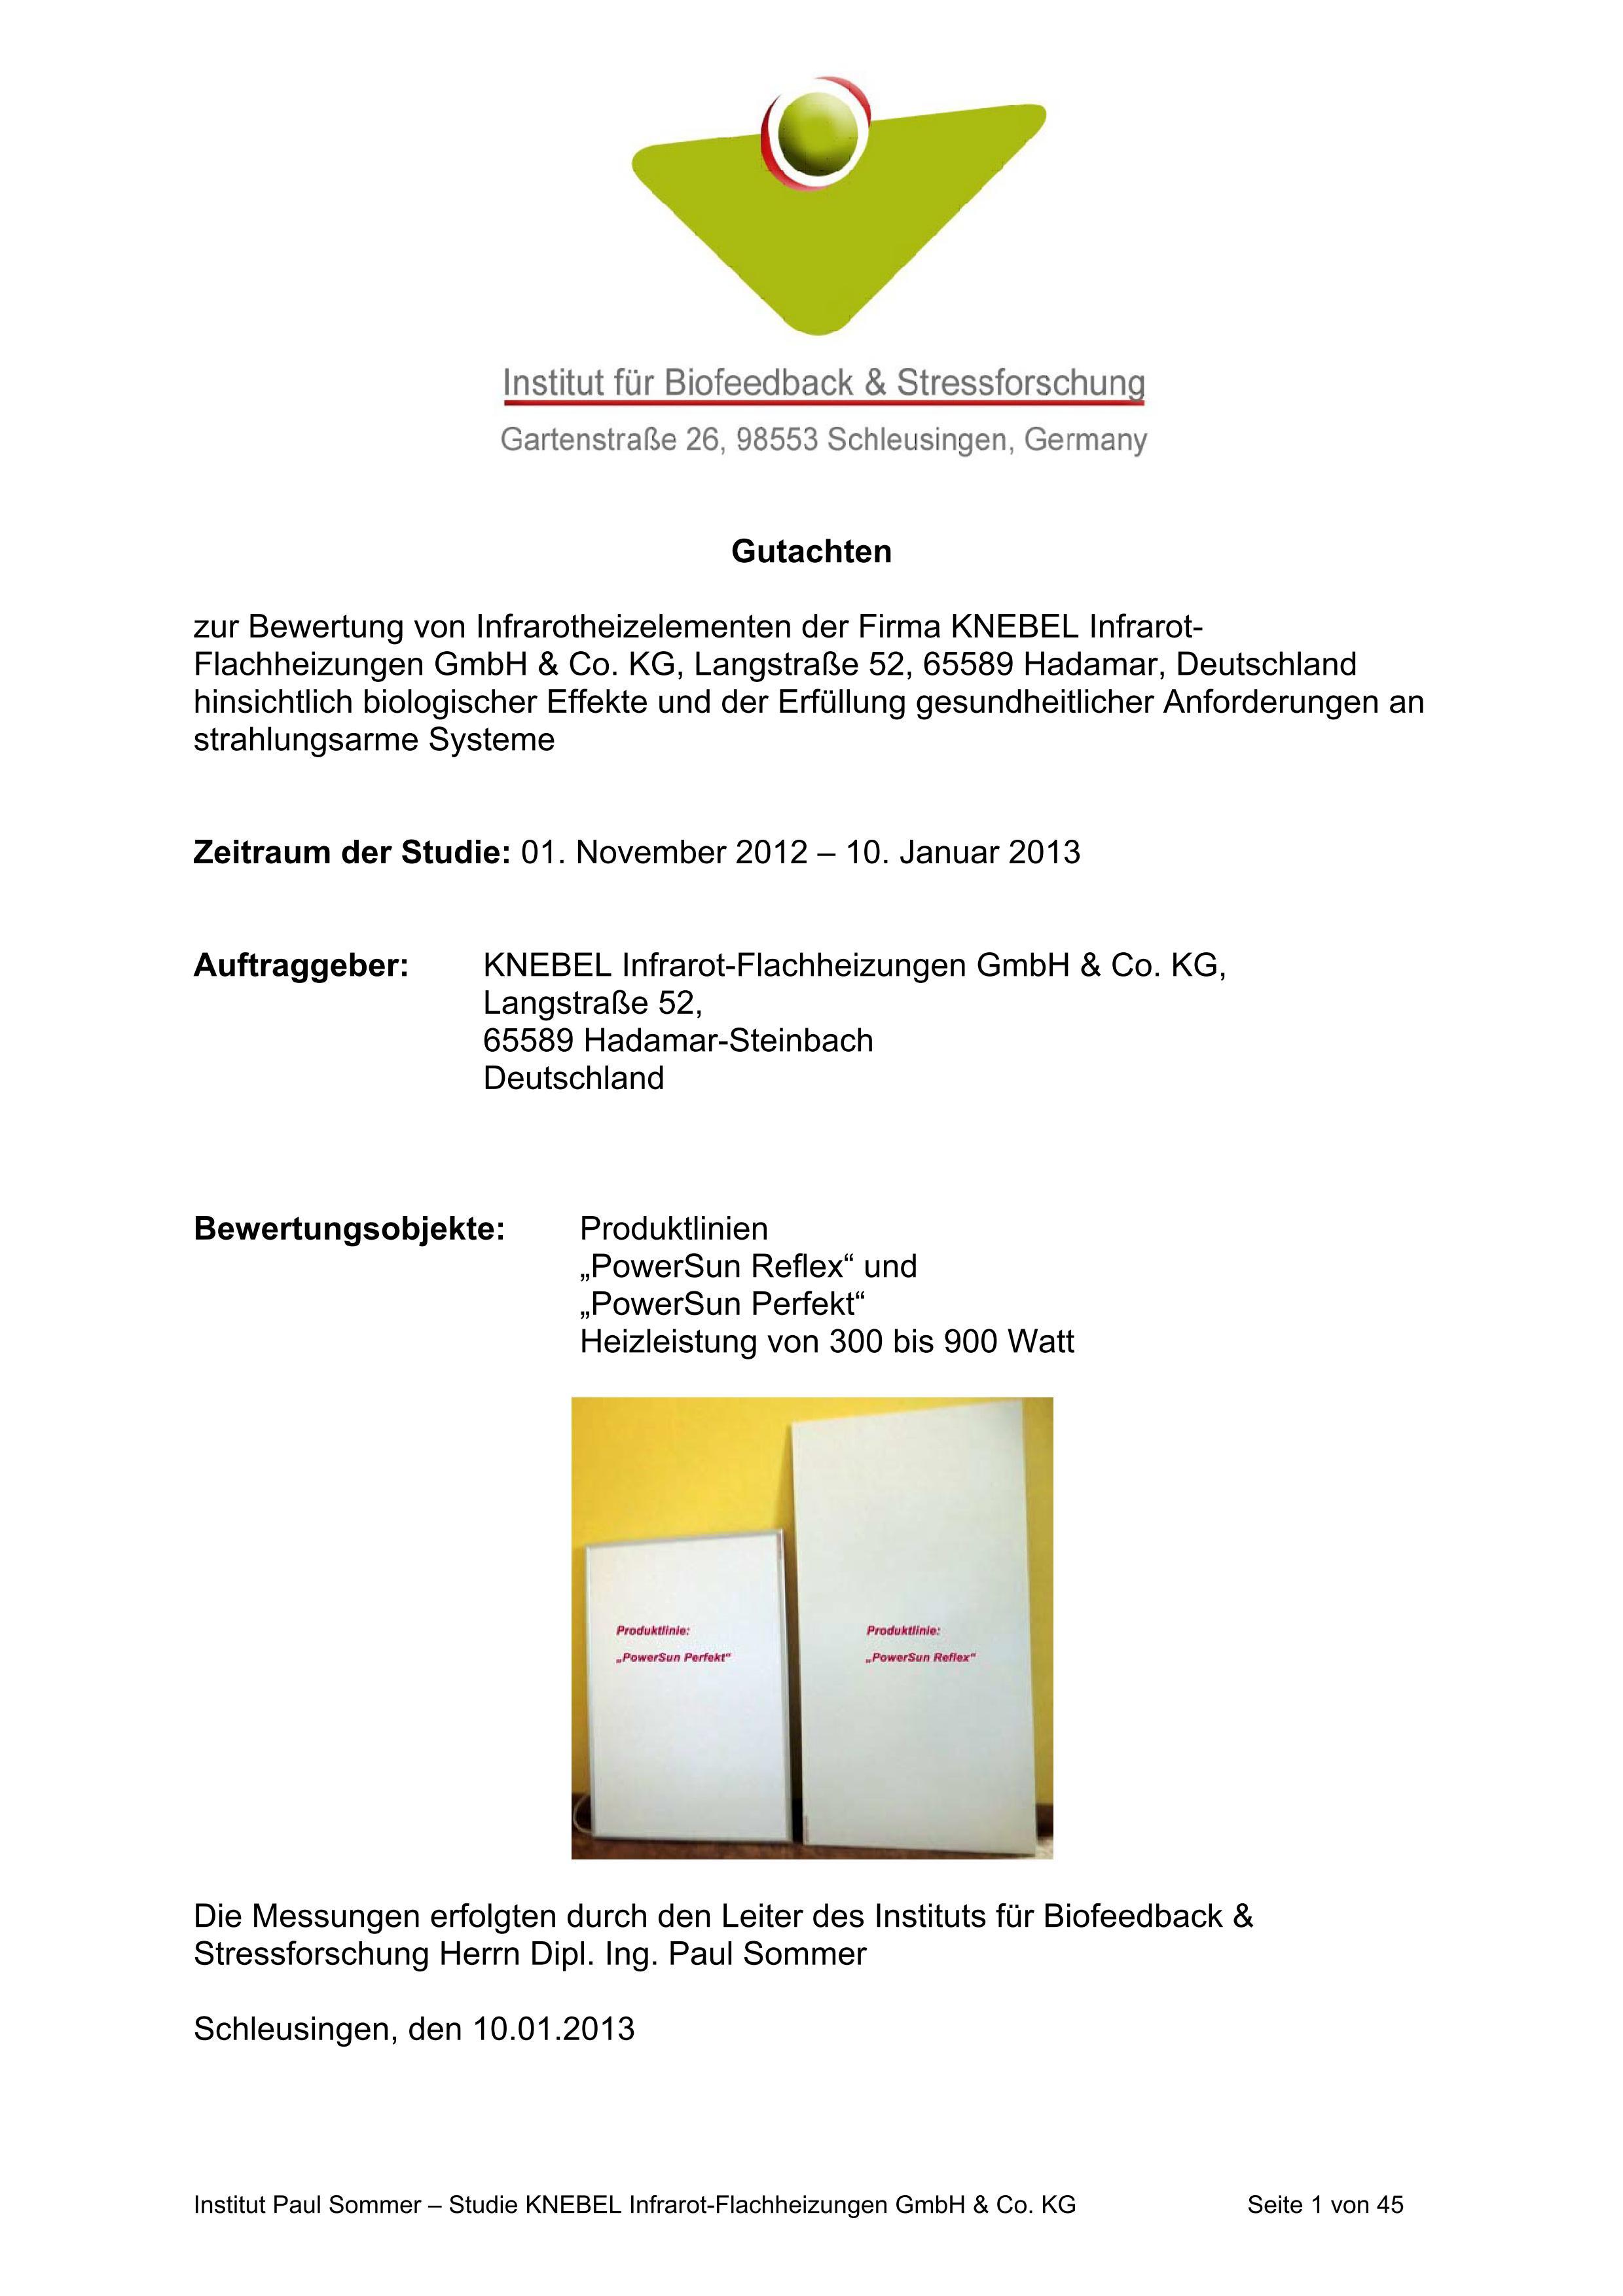 Gutachten Knebel Infrarot-Flachheizungen GmbH & Co. KG_01